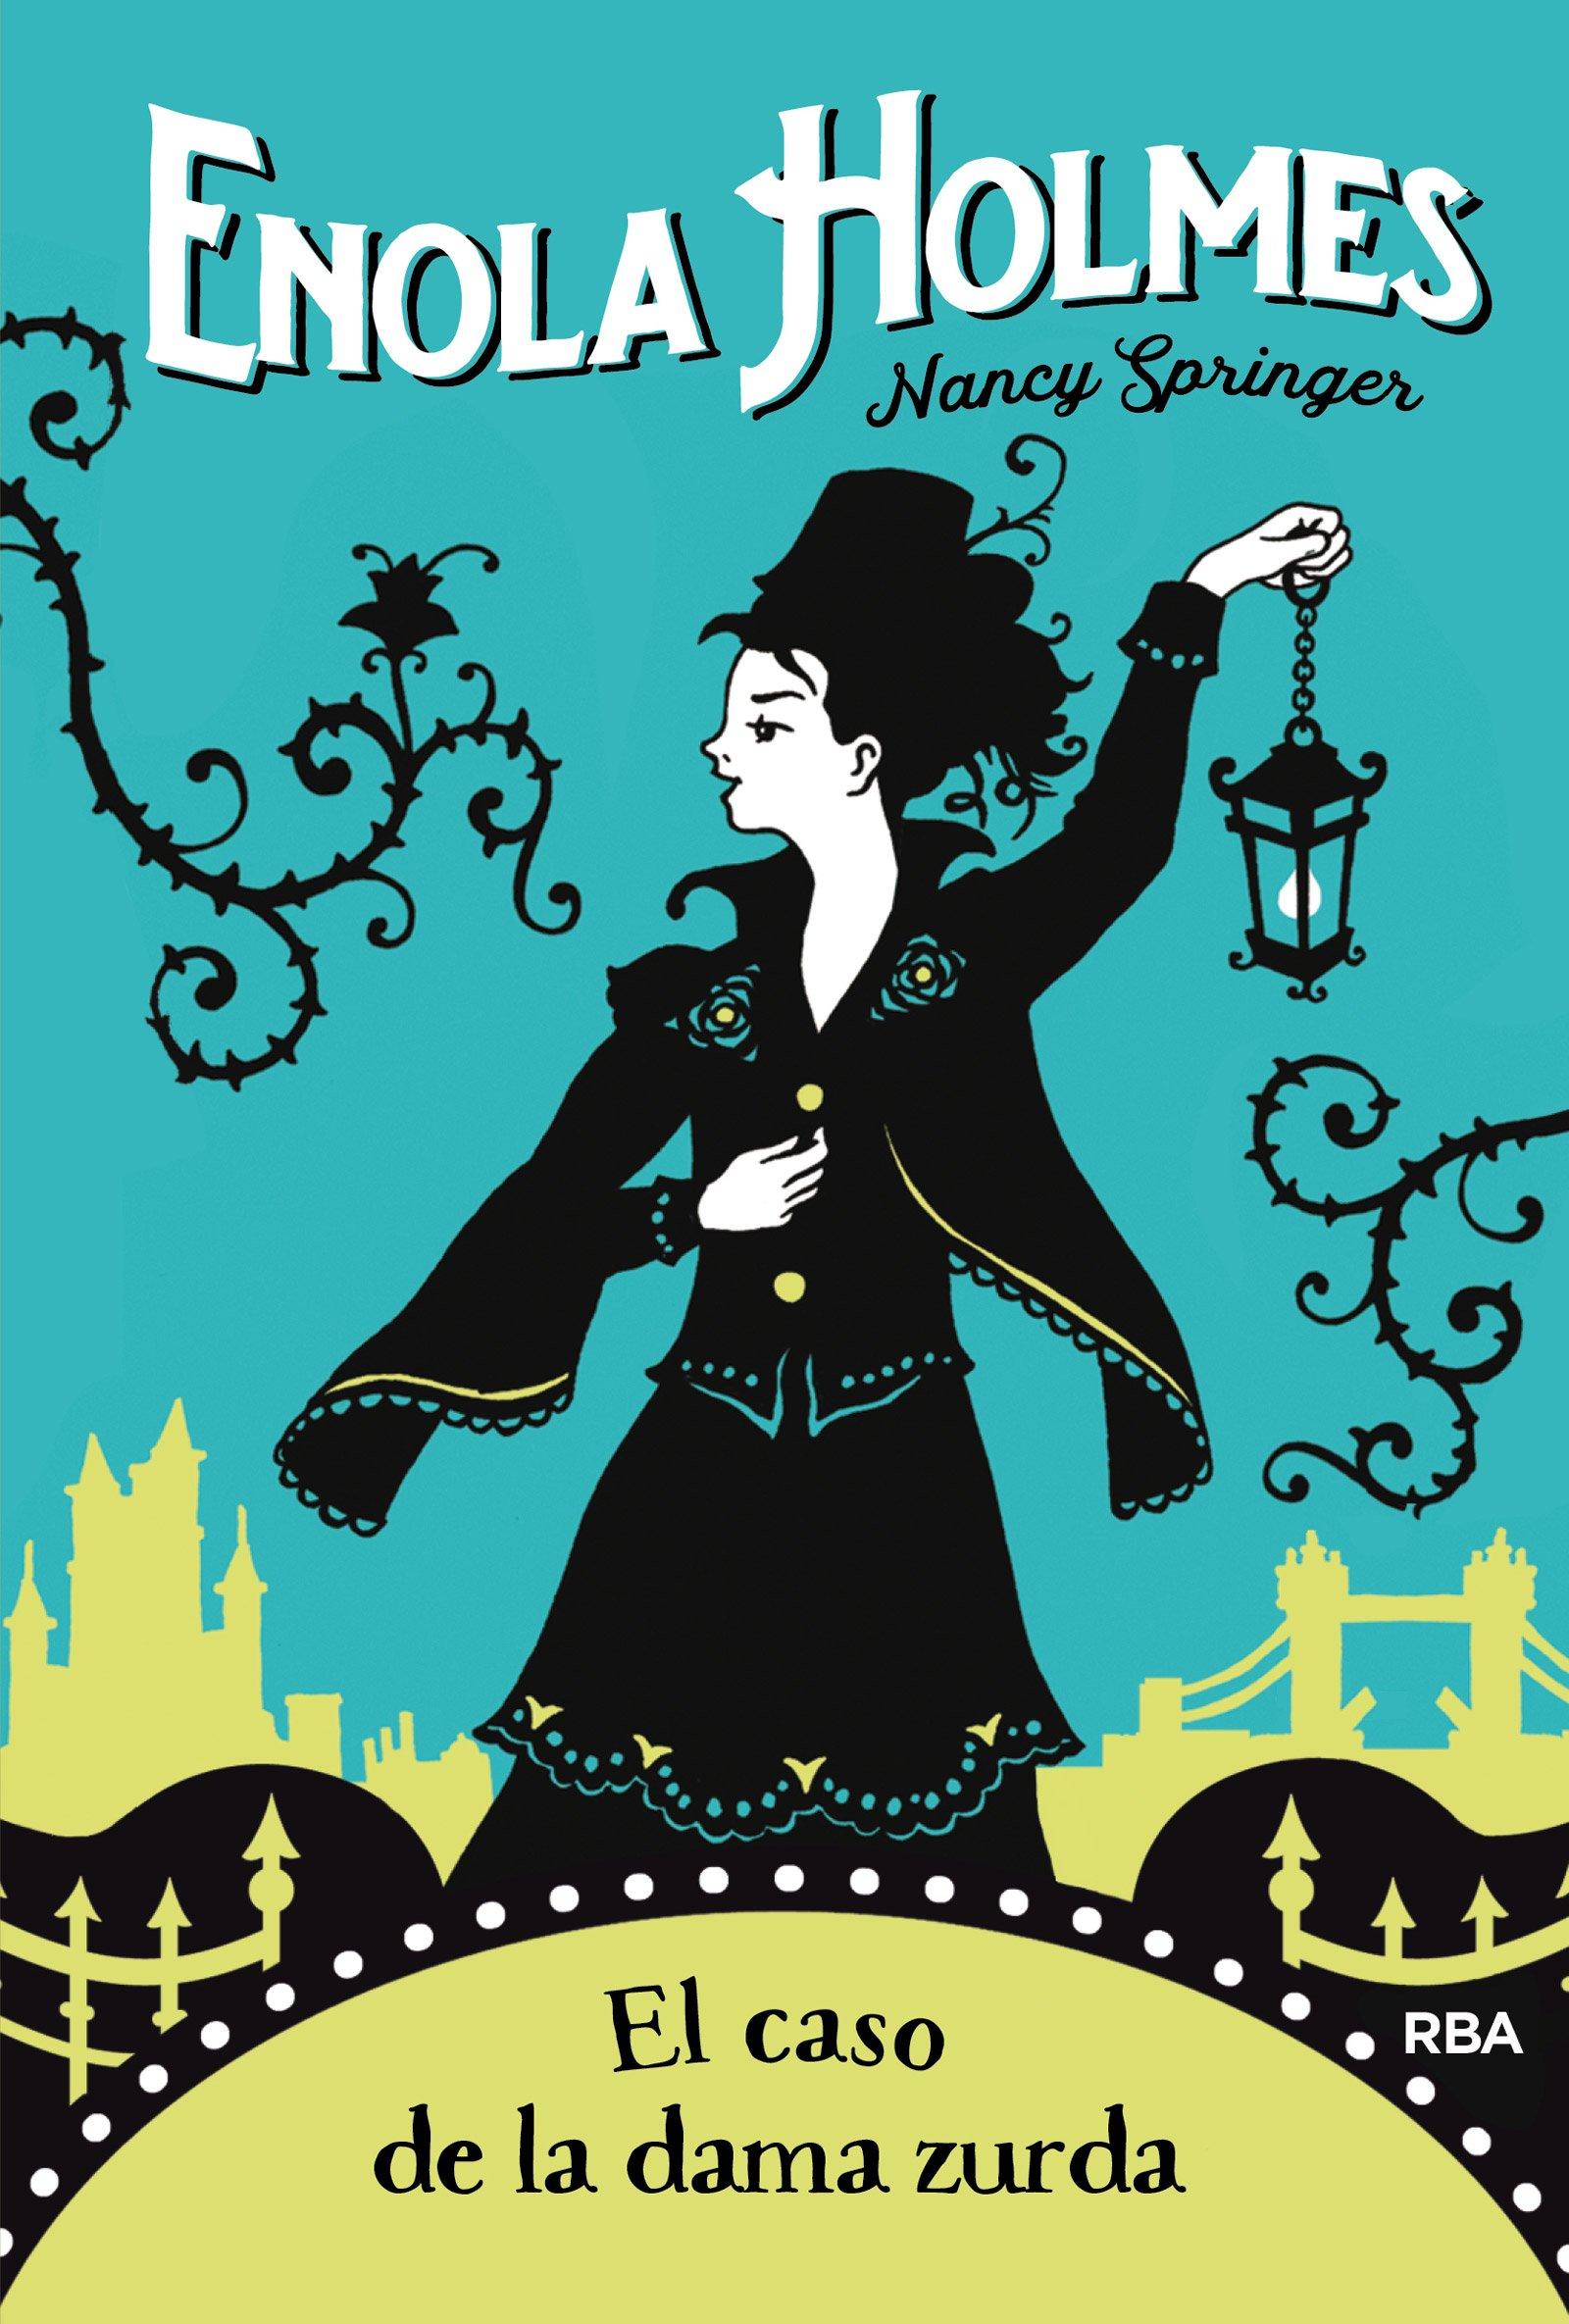 El caso de la dama zurda e. Holmes 2 FICCION JUVENIL: Amazon.es: NANCY SPRINGER , ANGELA ESTELLER GARCÍA: Libros